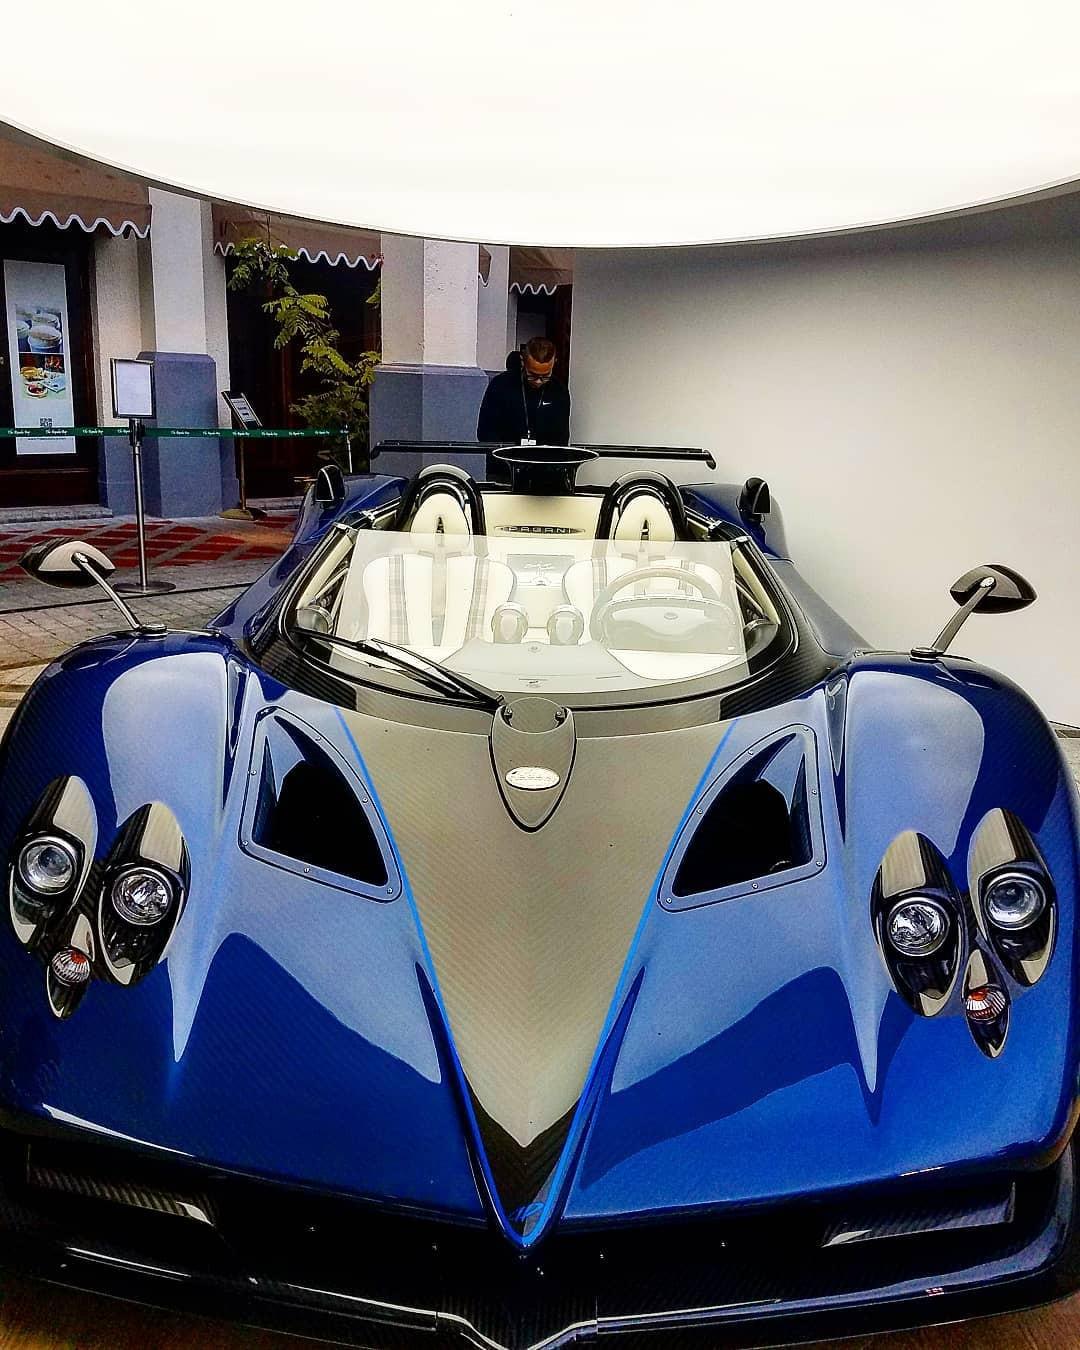 Pagani Zonda HP Barchetta mang ngoại thất sợi carbon xanh kết hợp sợi carbon bóng